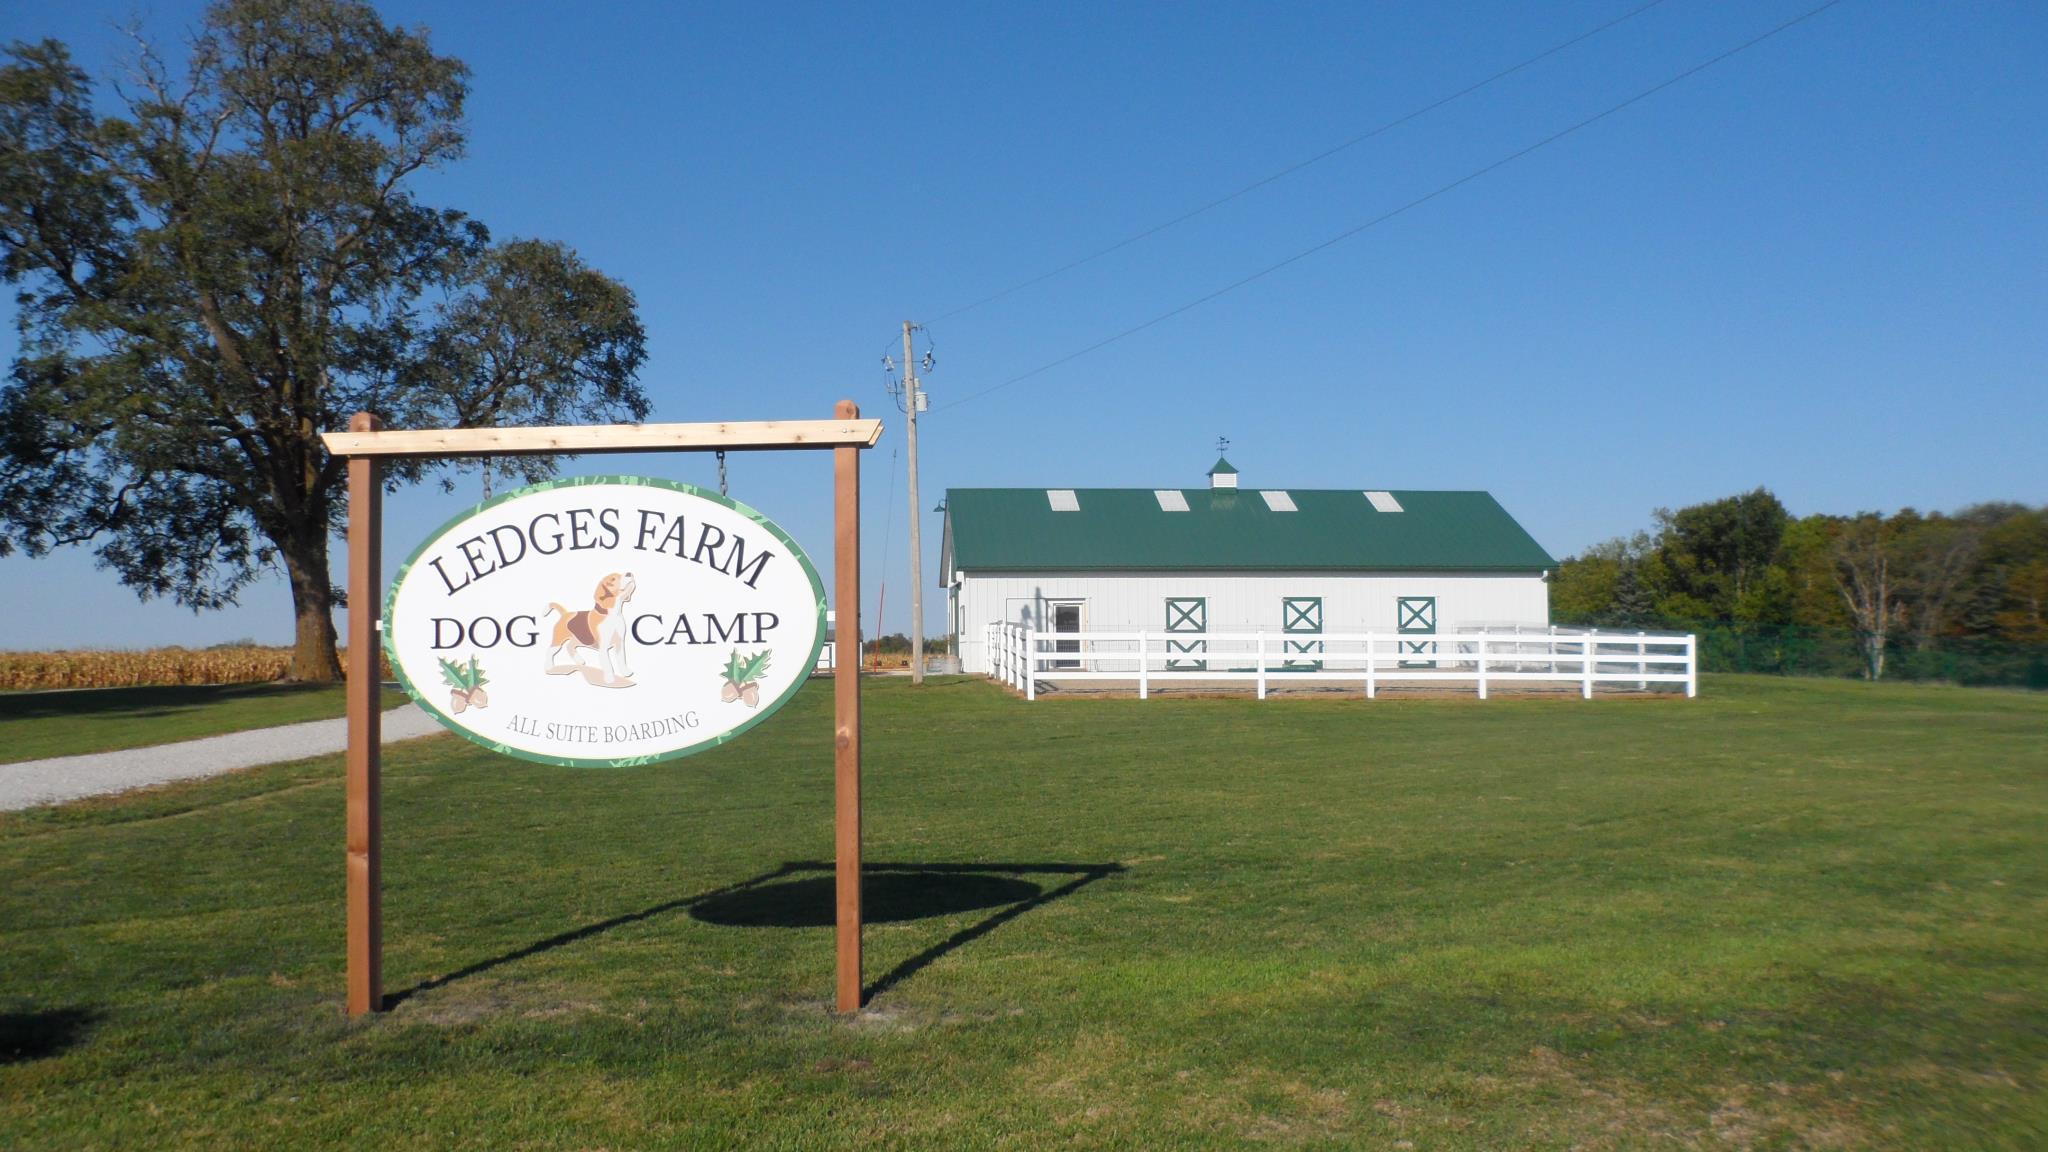 Ledges Farm Dog Camp image 12